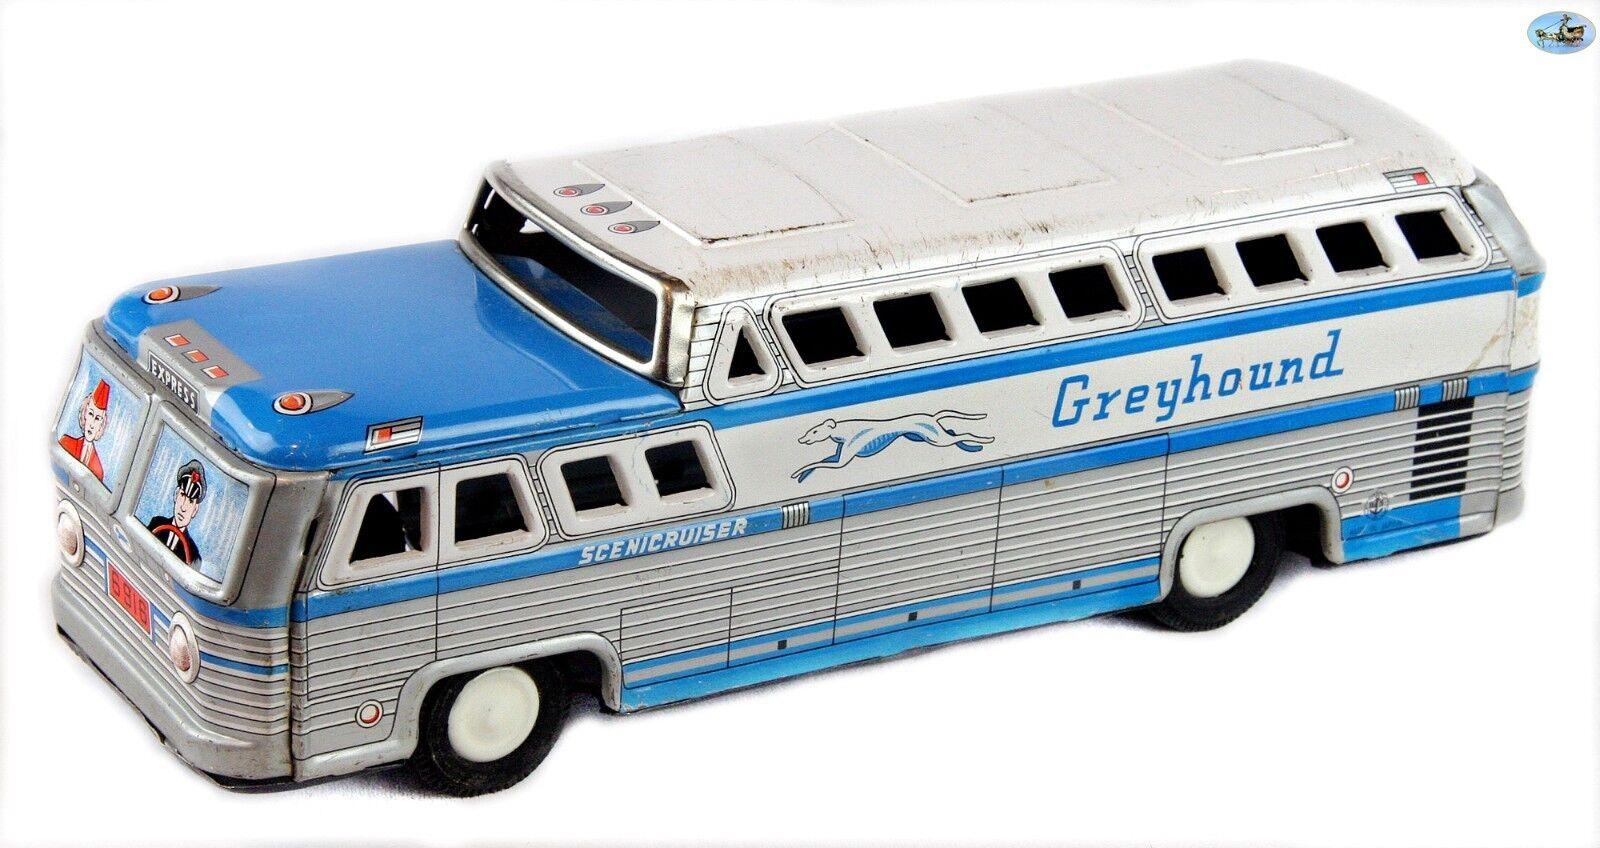 vendiendo bien en todo el mundo 1950s 1950s 1950s impresionante japonés Utaka Galgo Scenic Crucero Express 6916 Bus De Juguete  precios ultra bajos